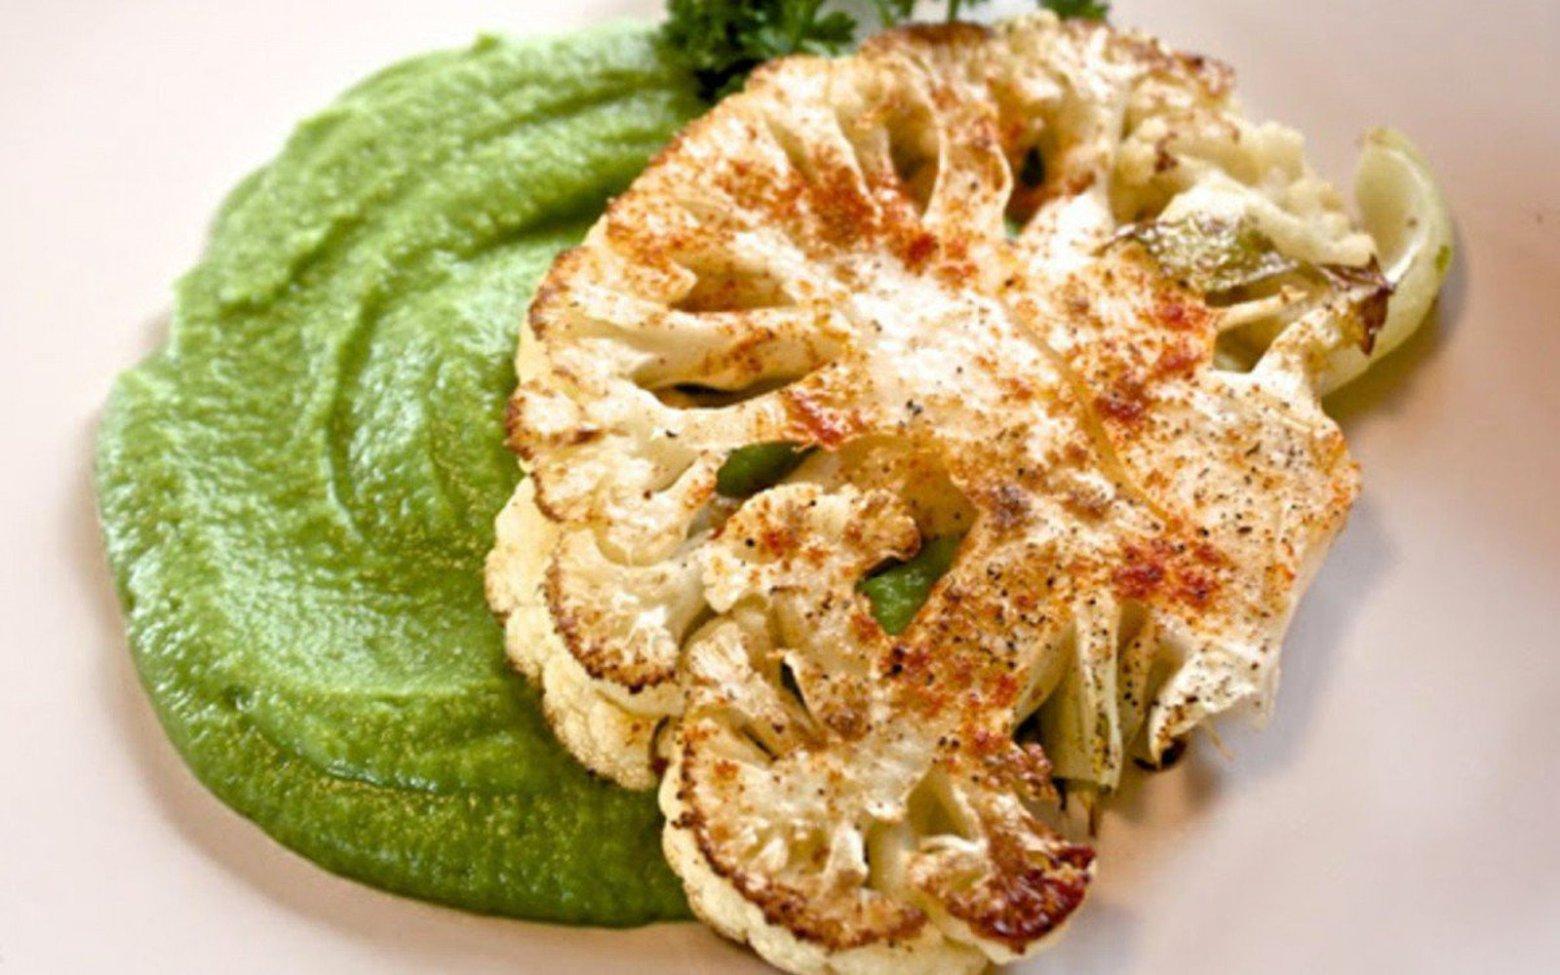 Vegan Grain-Free Cauliflower Steaks With Sweet Pea Purée